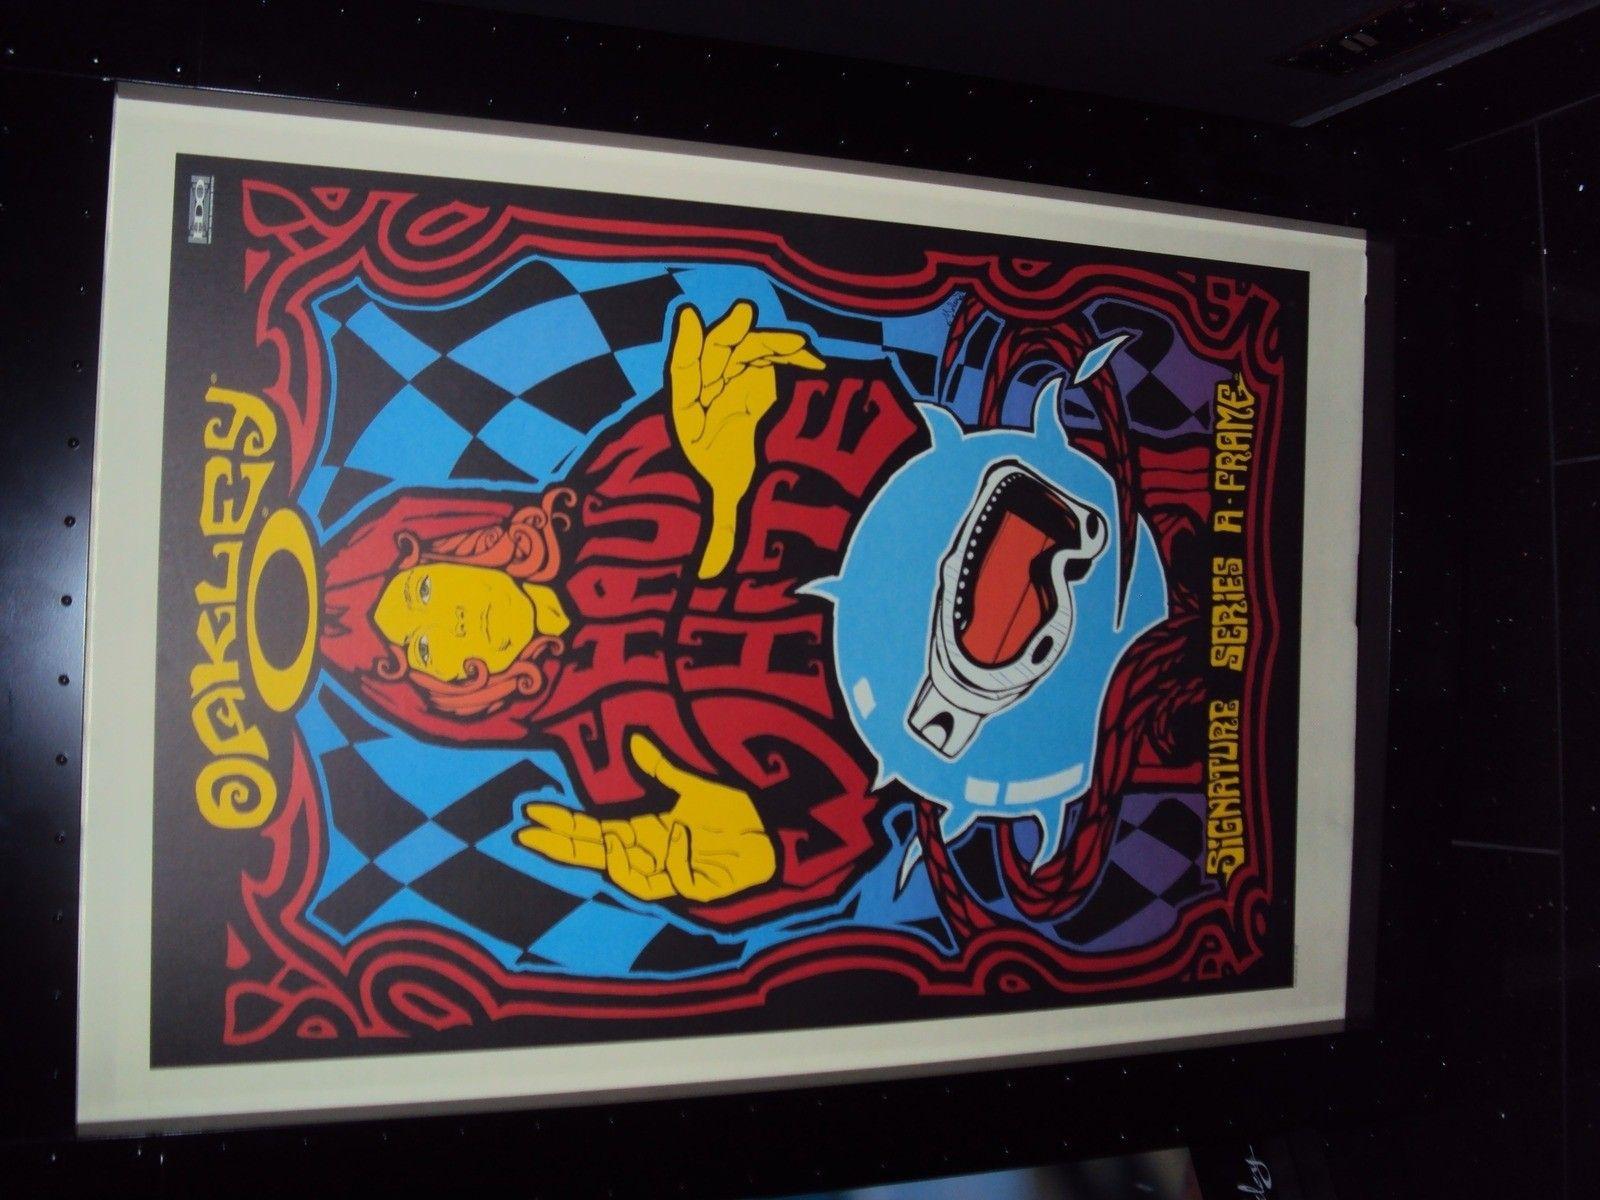 Shaun White Signature Series A-Frame Goggles - 1348339261618.jpg